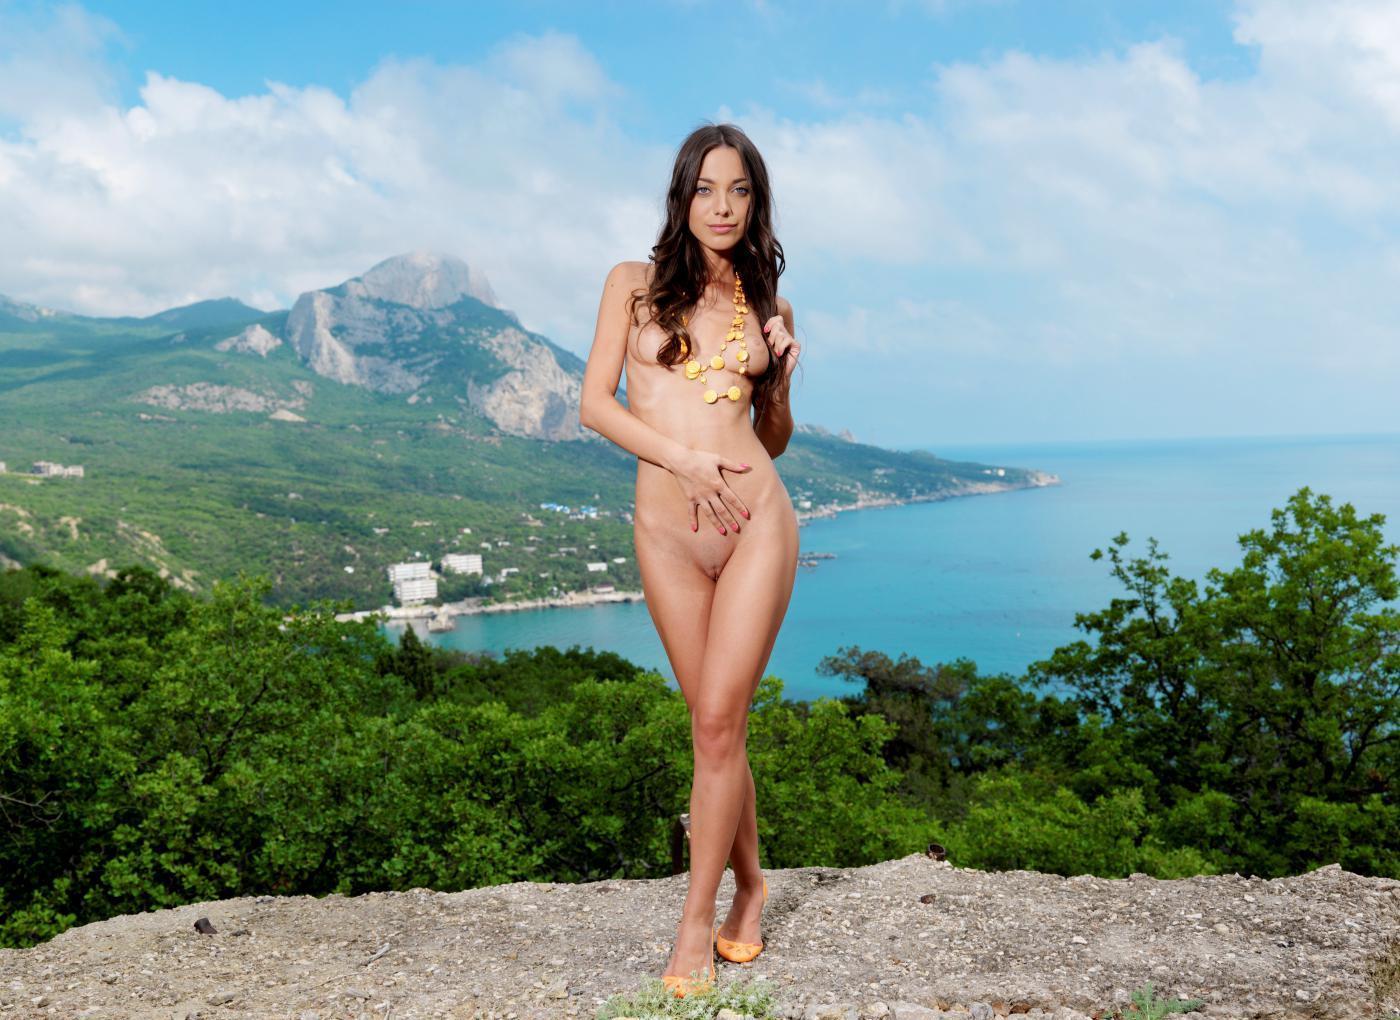 Девушки: Эротическая модель Доминика (14 фото)